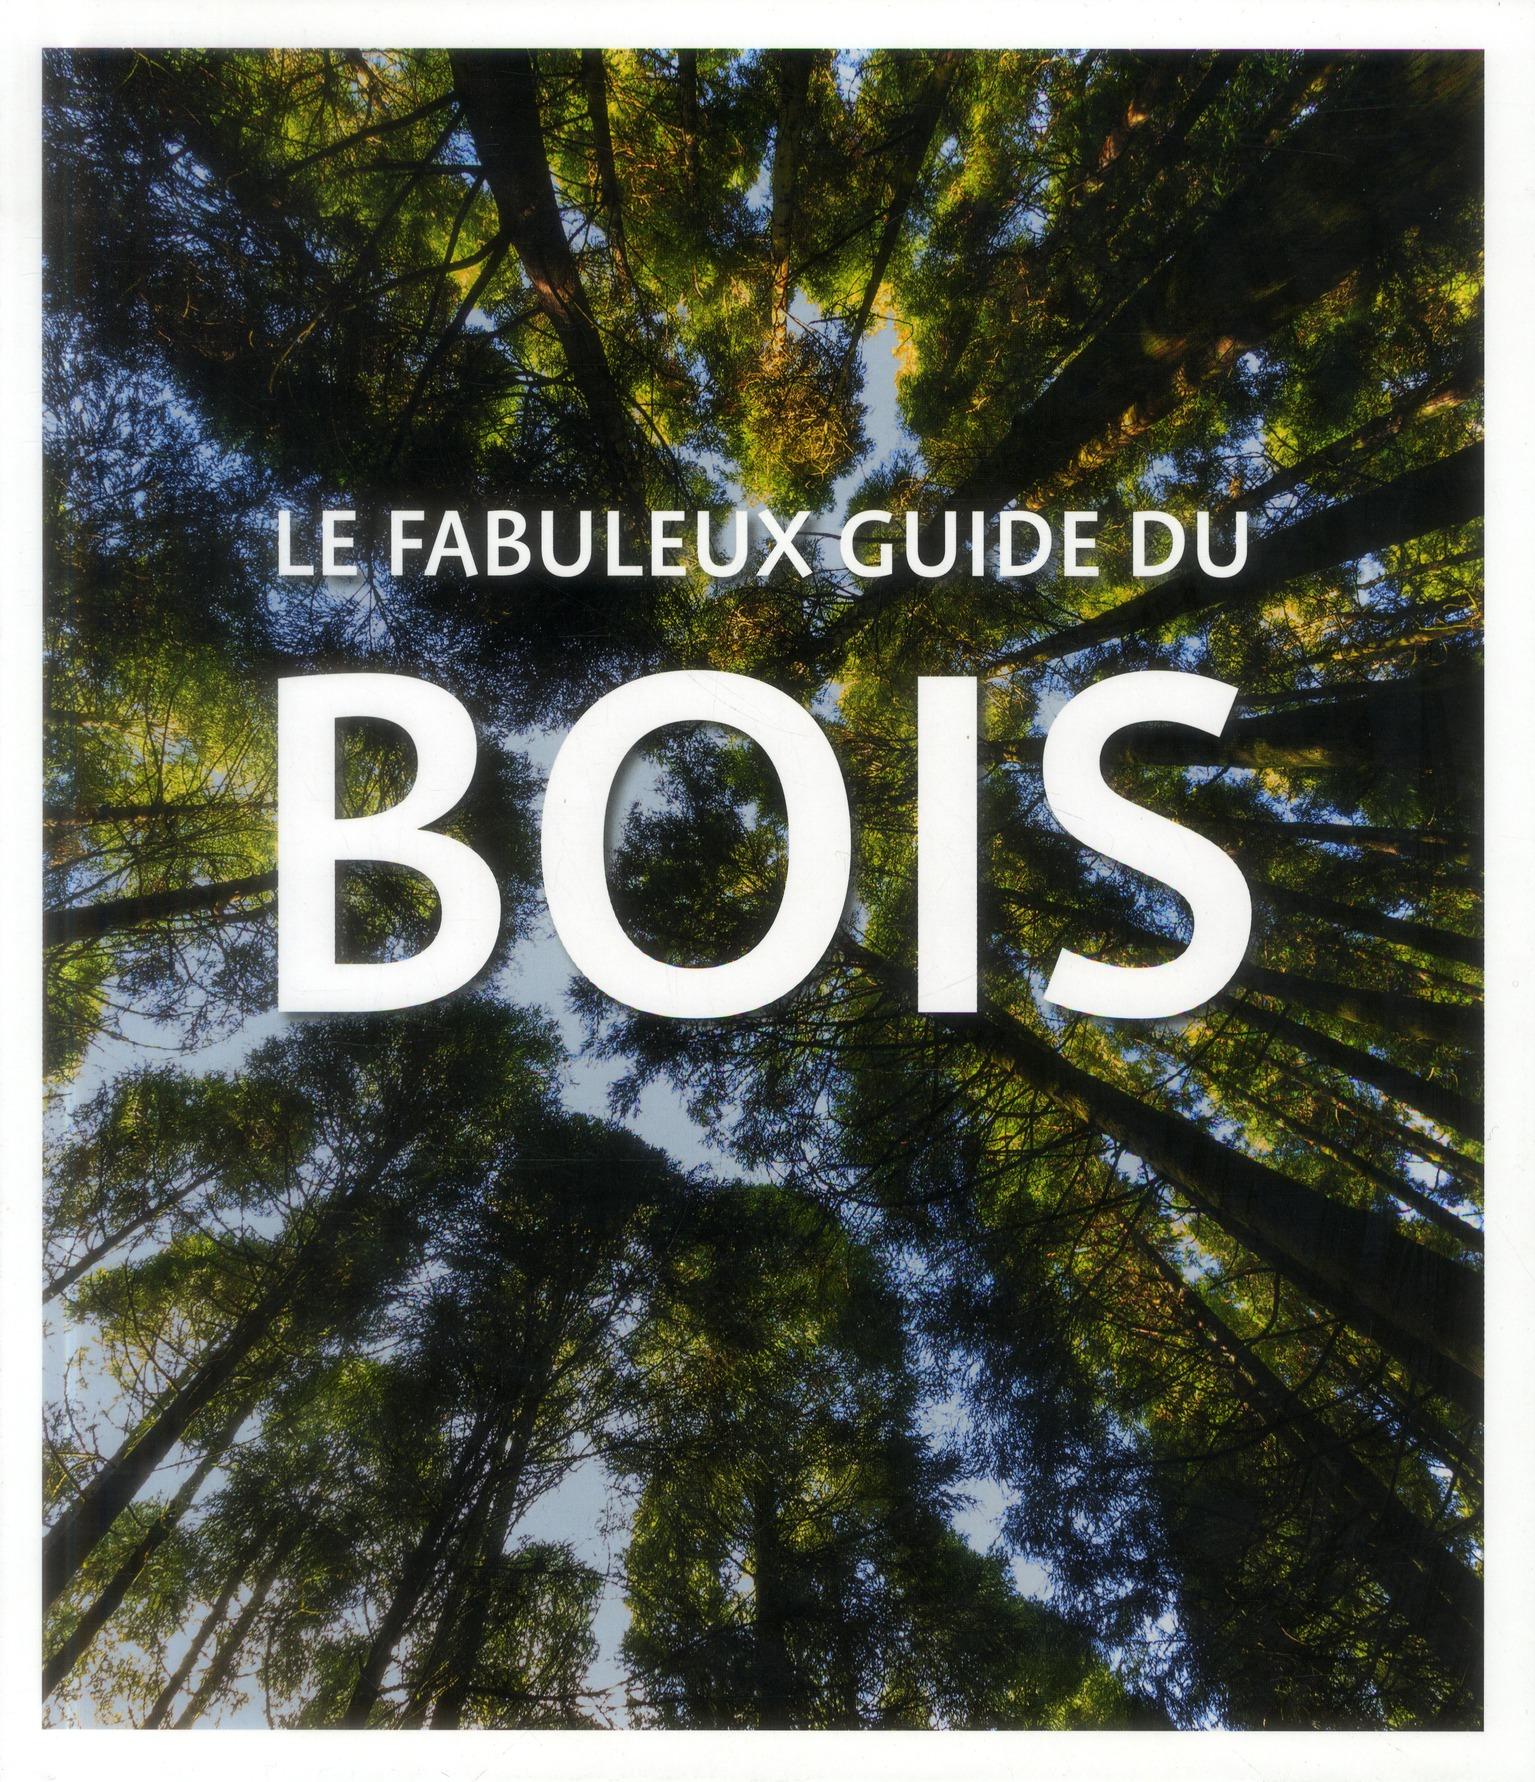 FABULEUX GUIDE DU BOIS (LE)